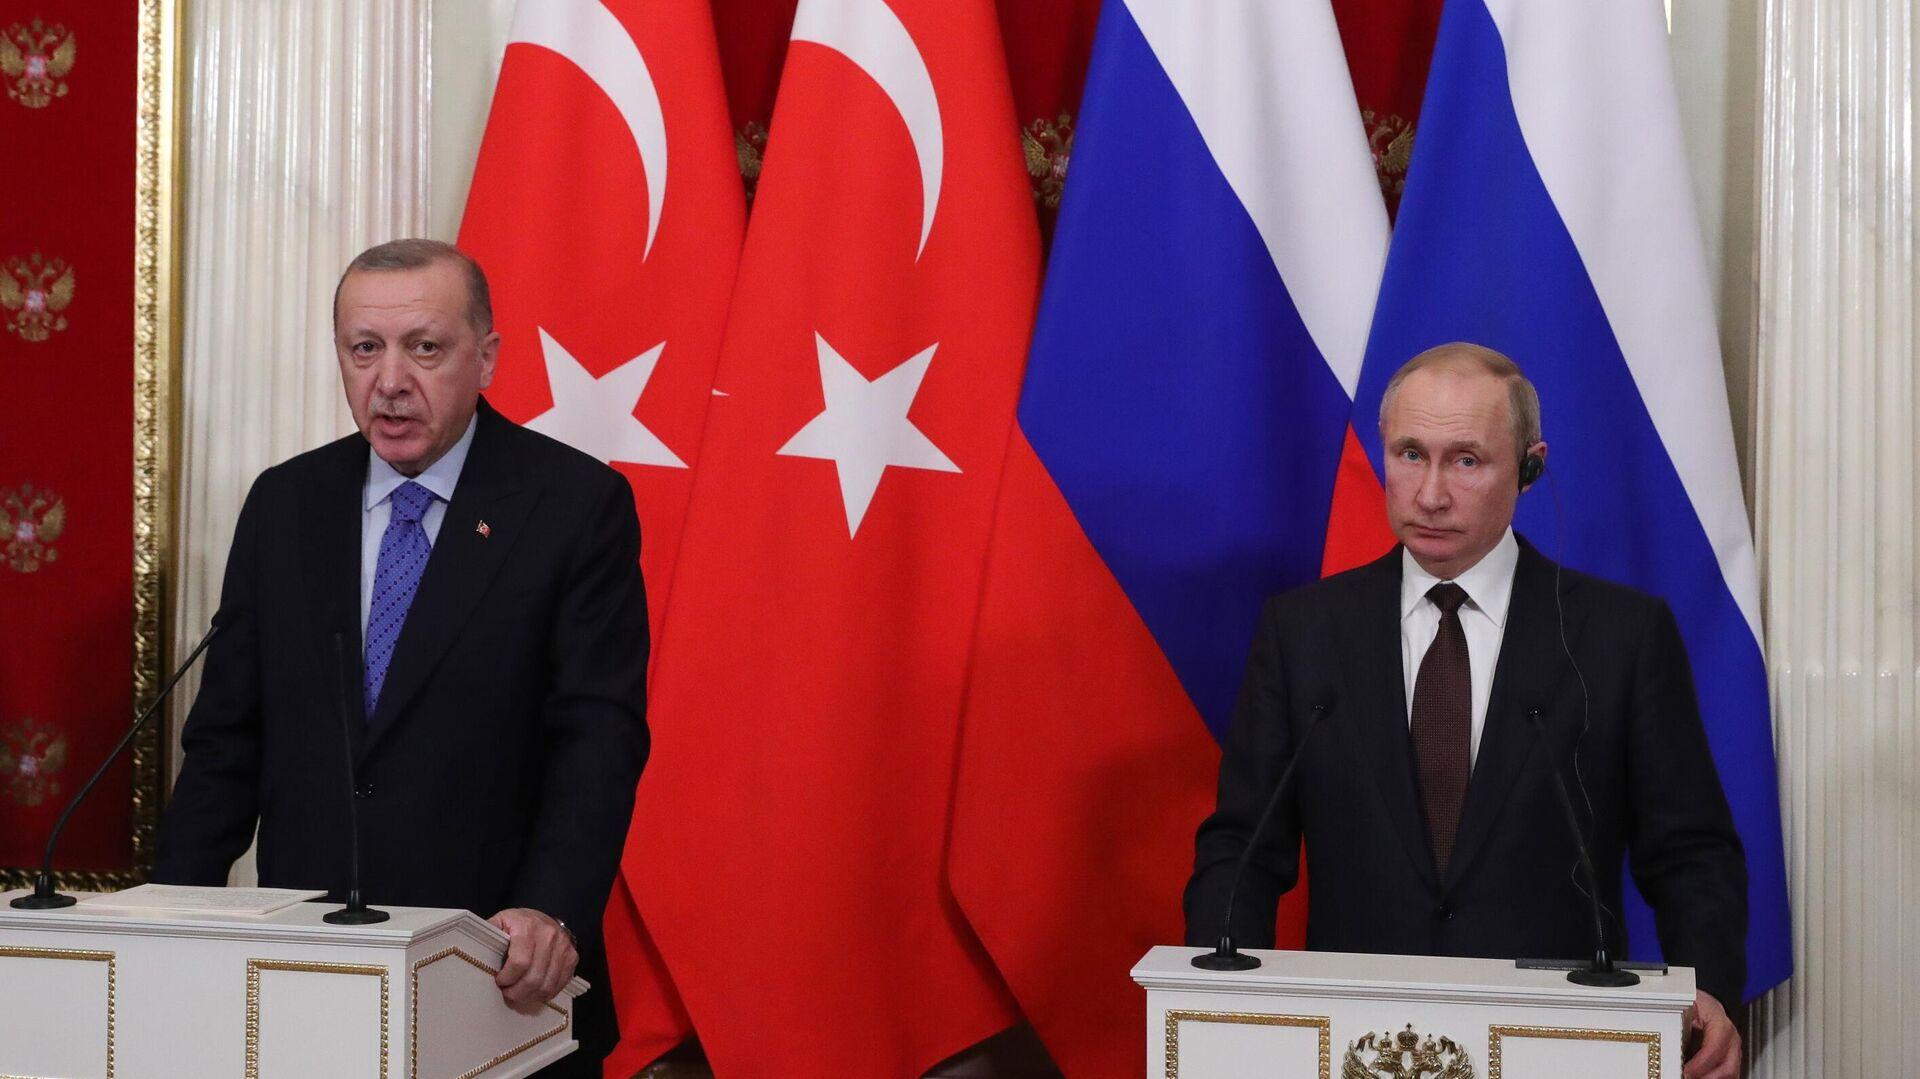 Президент РФ В. Путин встретился с президентом Турции Р. Эрдоганом. 5 марта 2020 - РИА Новости, 1920, 21.09.2021